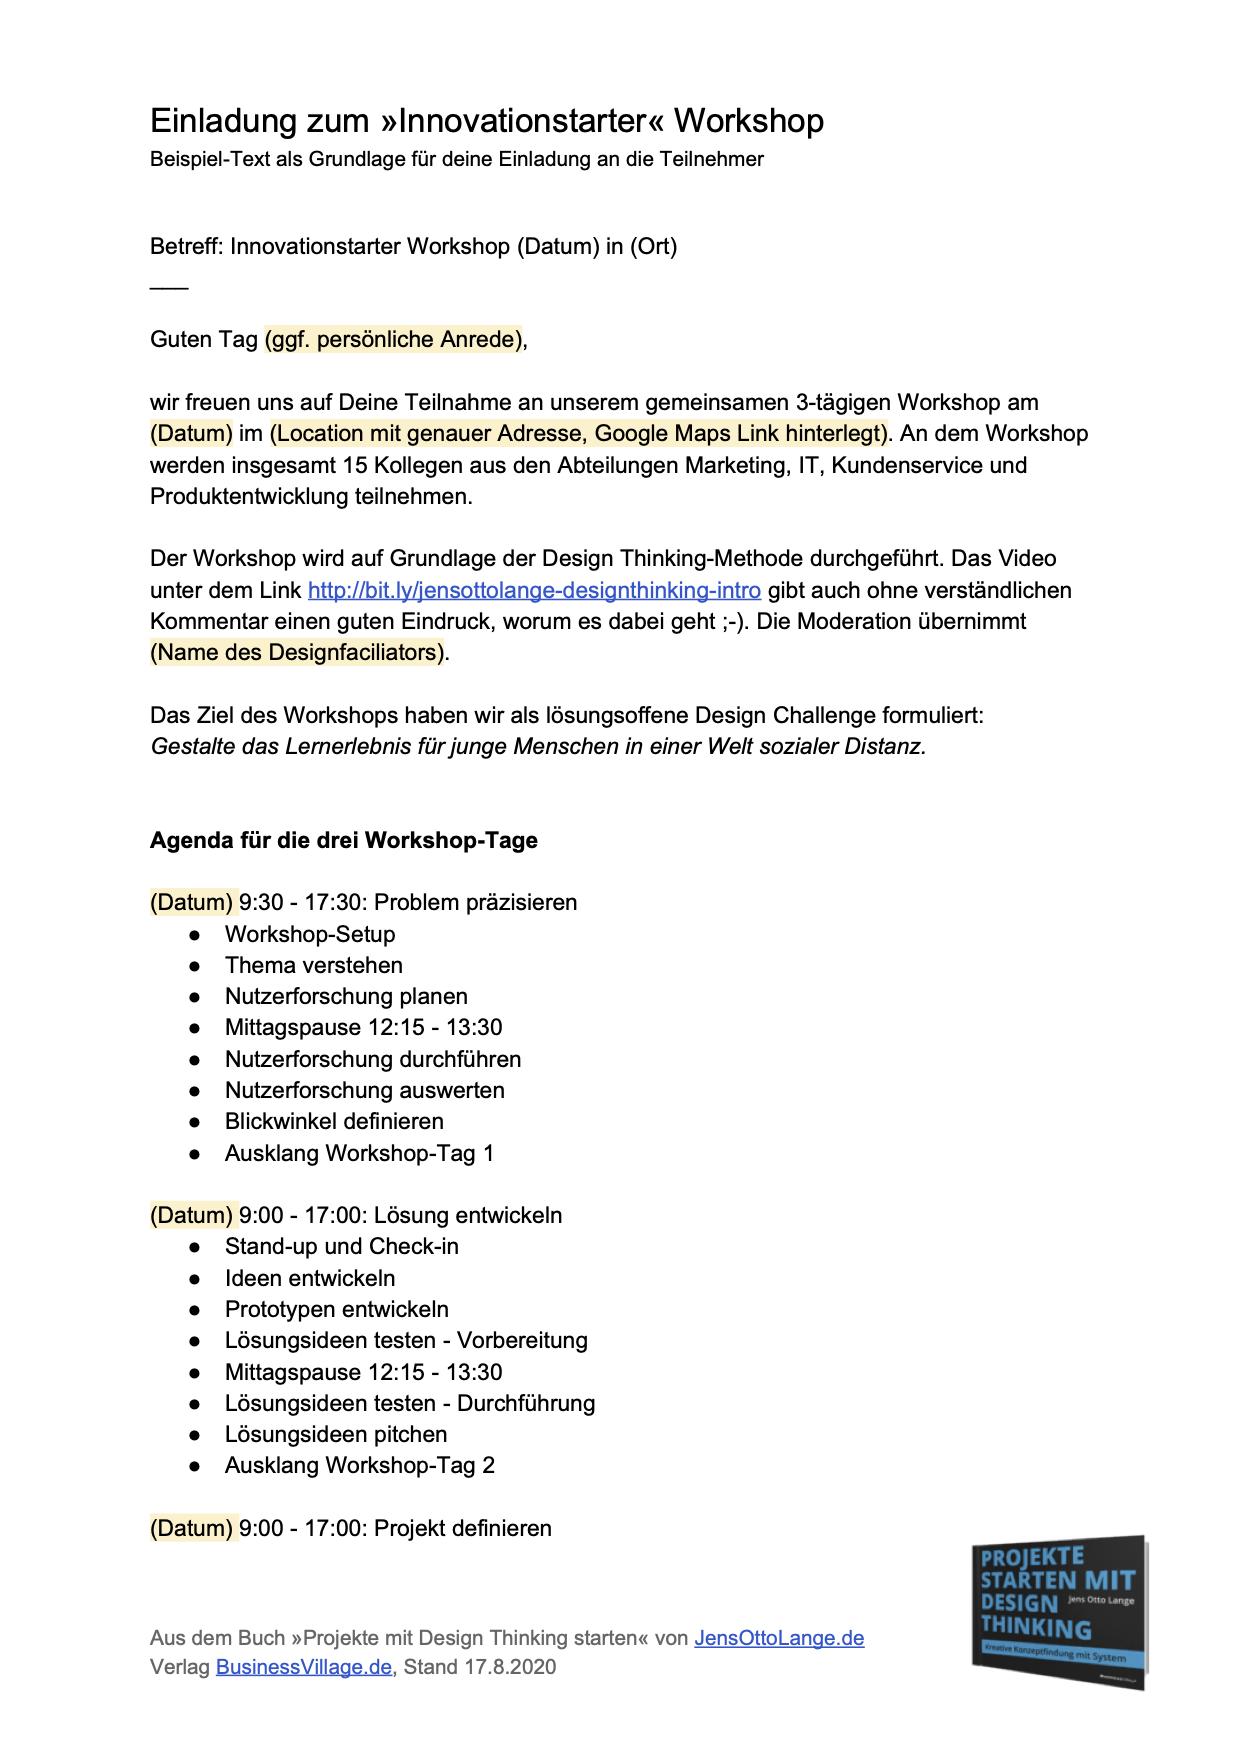 4. »Innovationstarter« Einladung (Beispiel) aufrufen